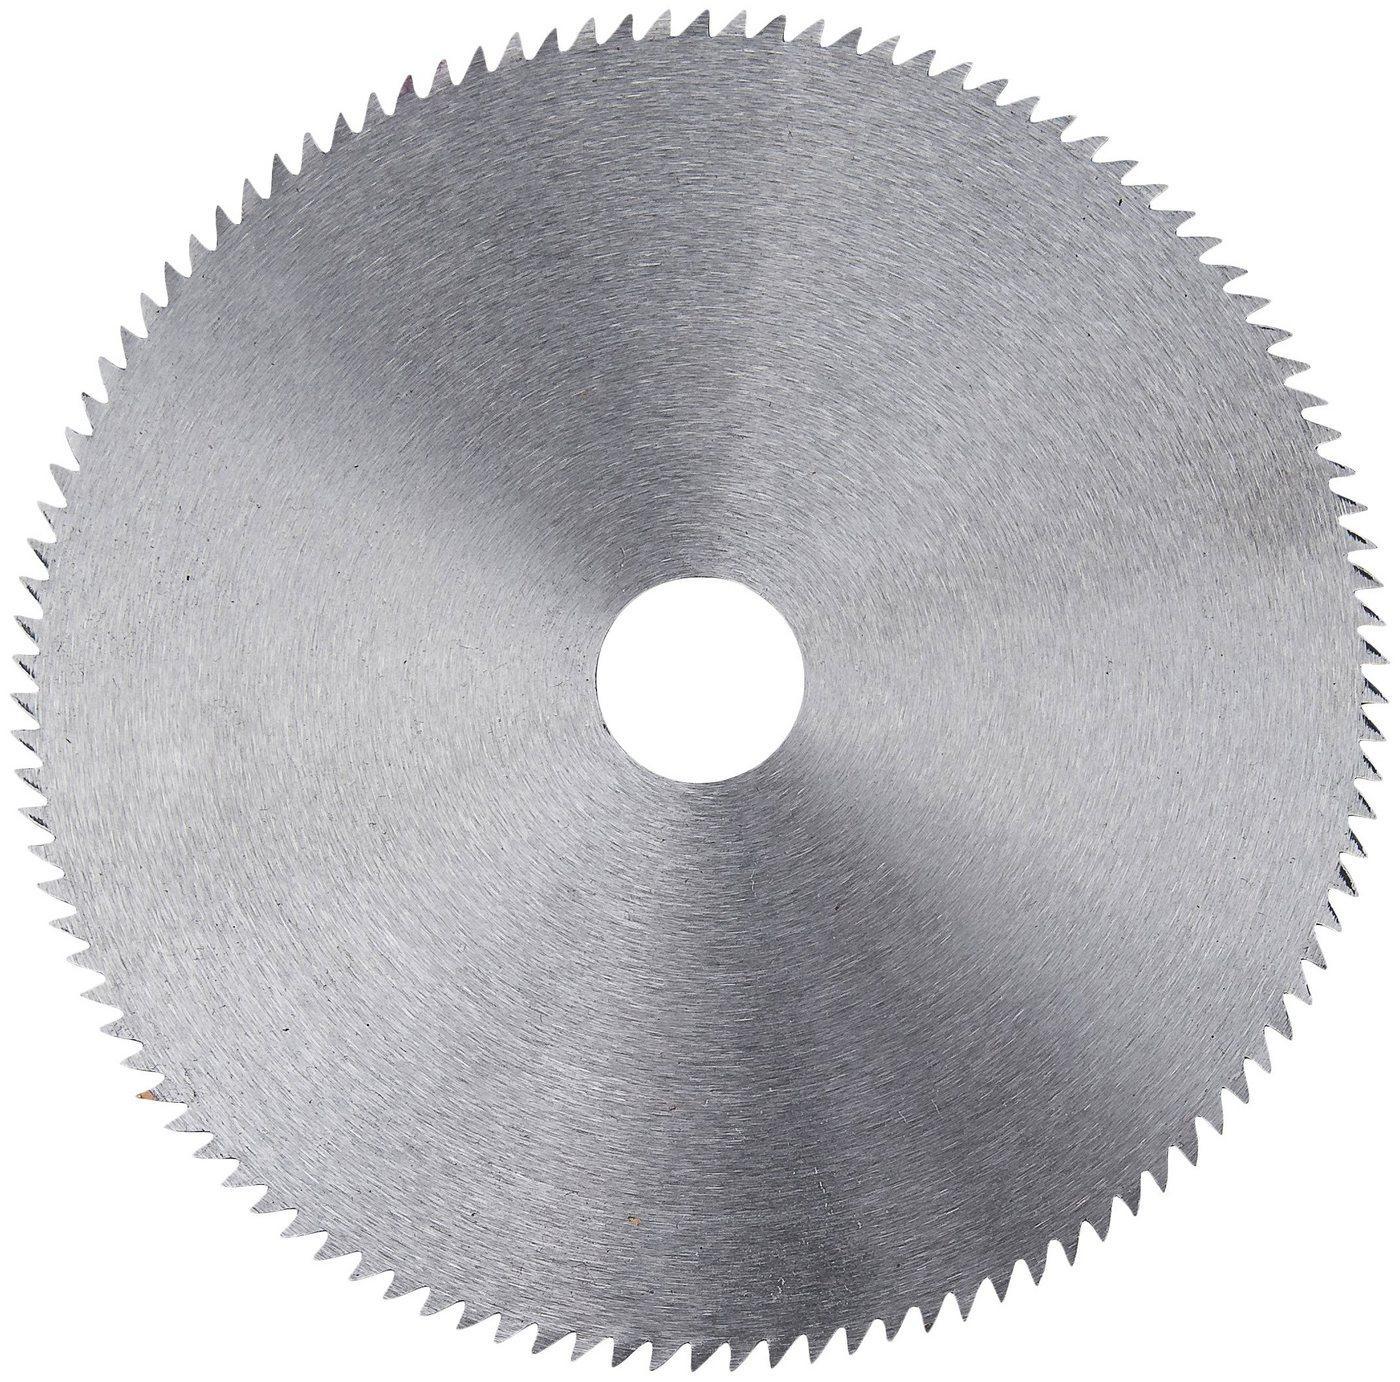 Connex Kreissägeblatt (1-St), Hand-/ Tischkreissägeblatt, CV, Feinstzahn, Ø 200 mm